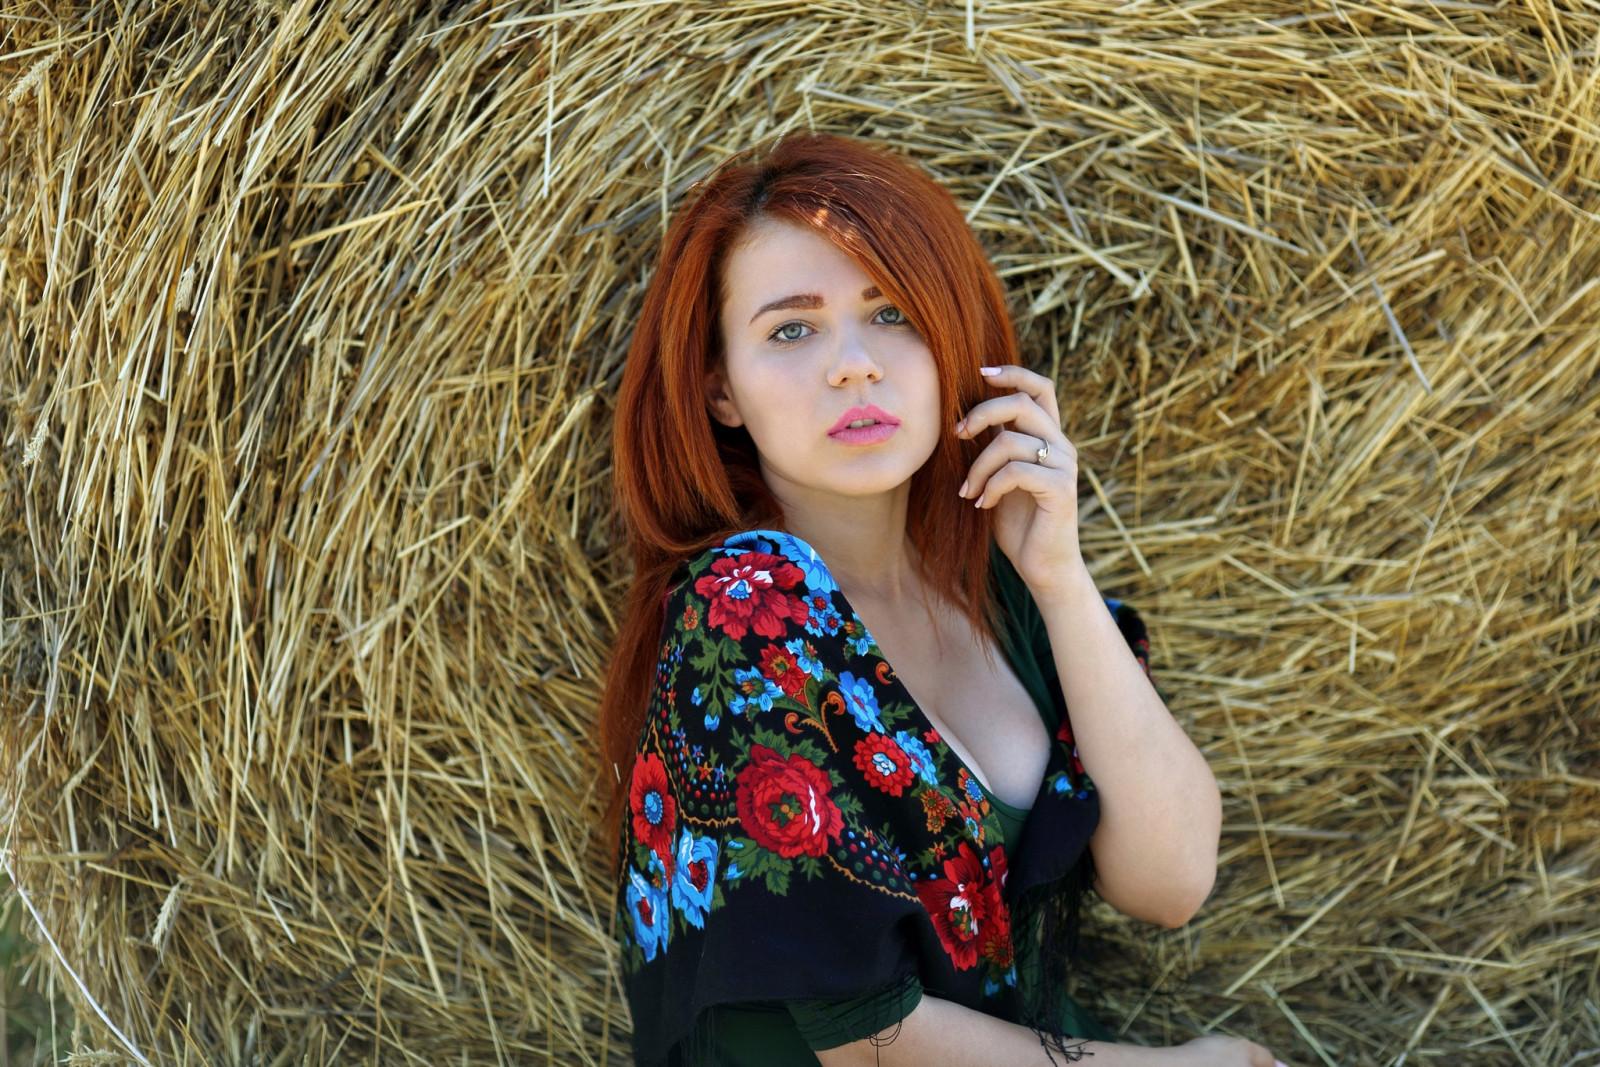 Фотографии деревенских красавиц